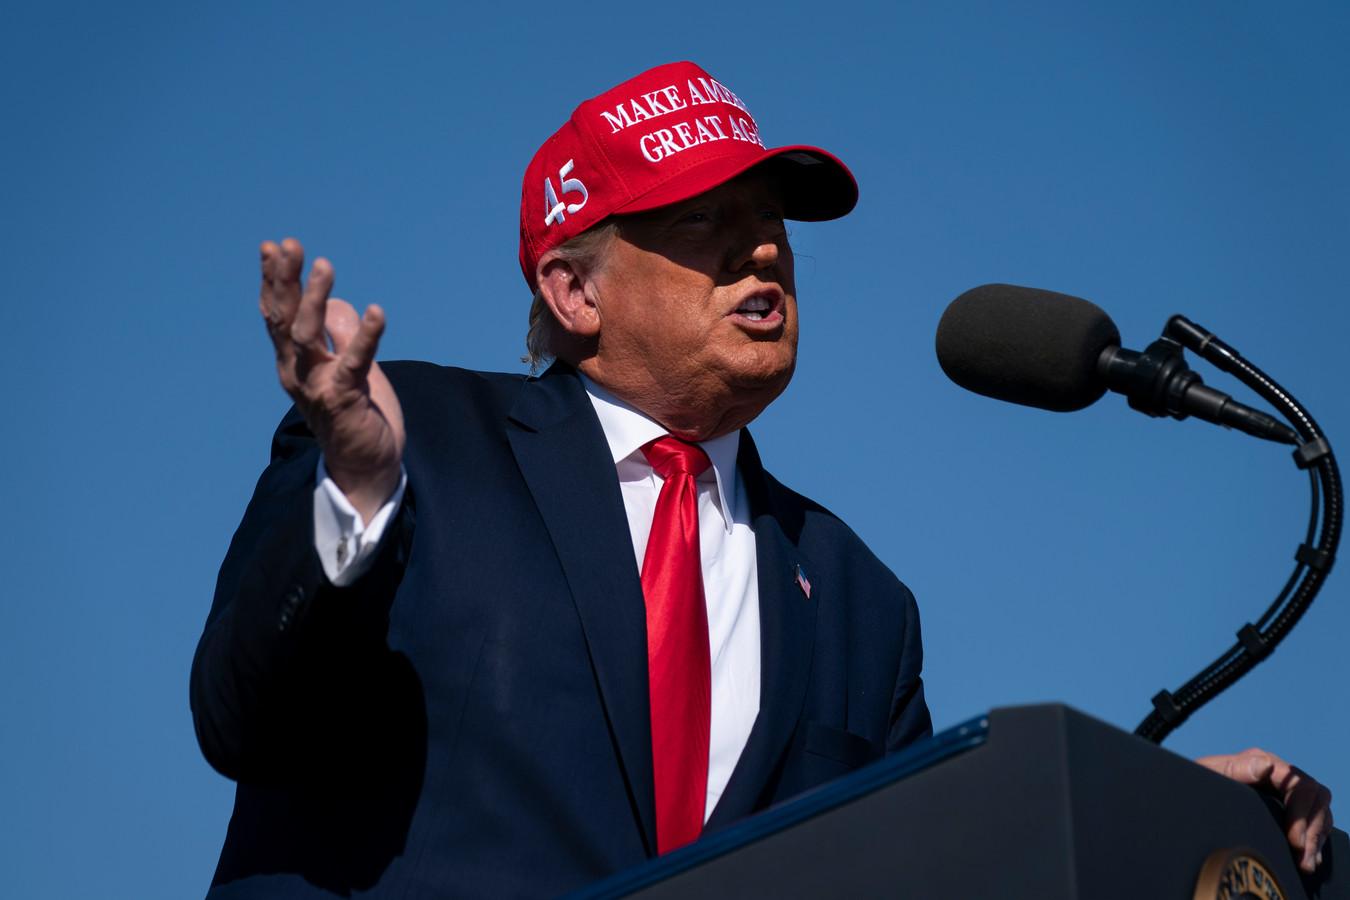 President Trump tijdens zijn bezoek aan Arizona.